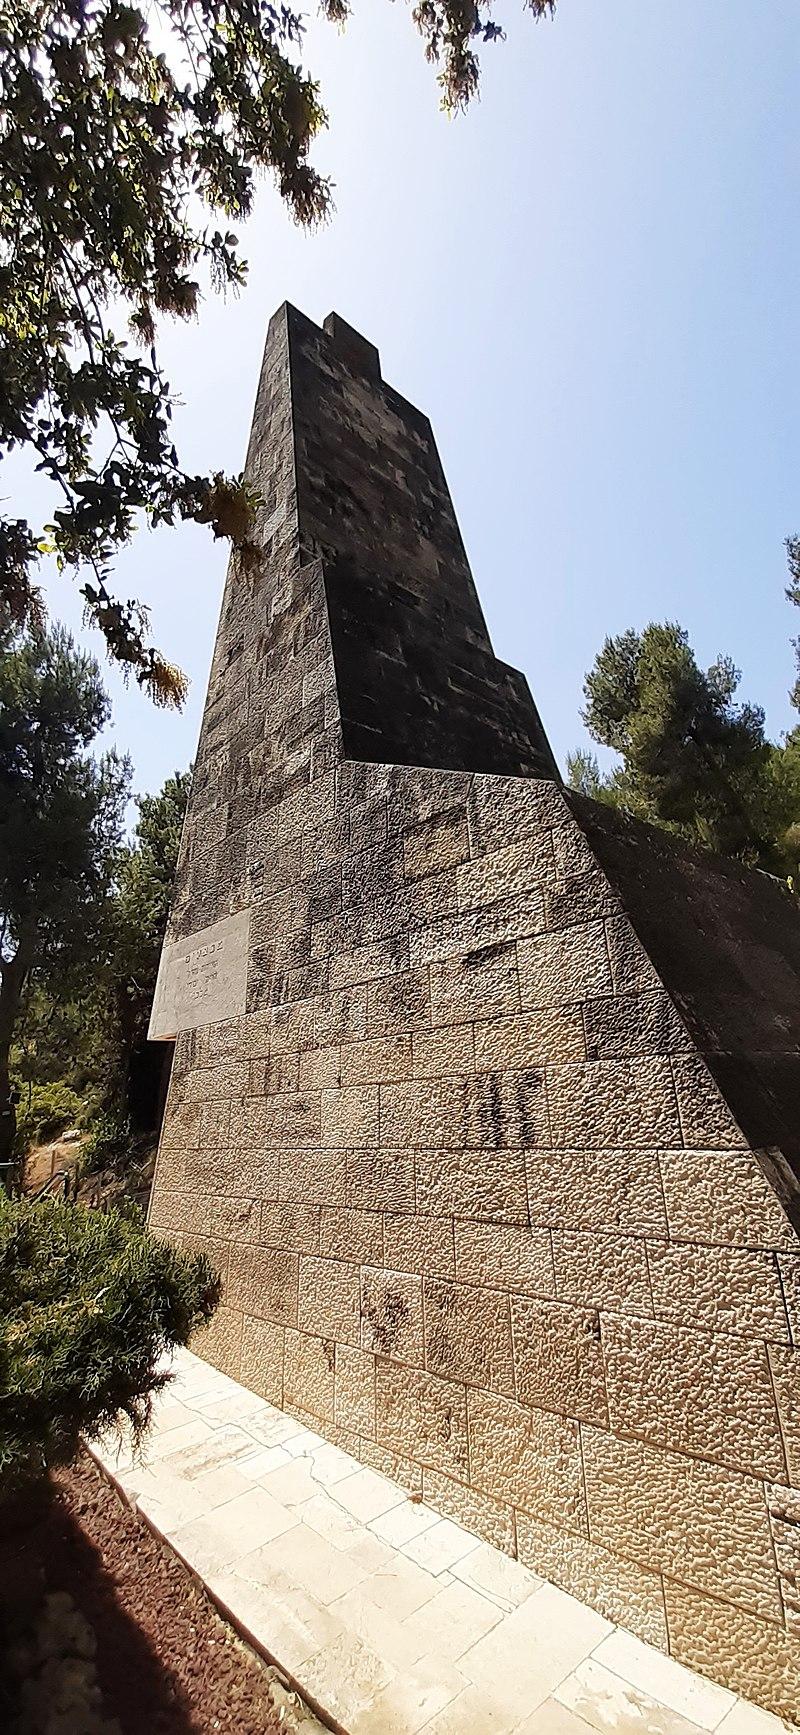 אנדרטת חטיבת הראל בקריית ענבים